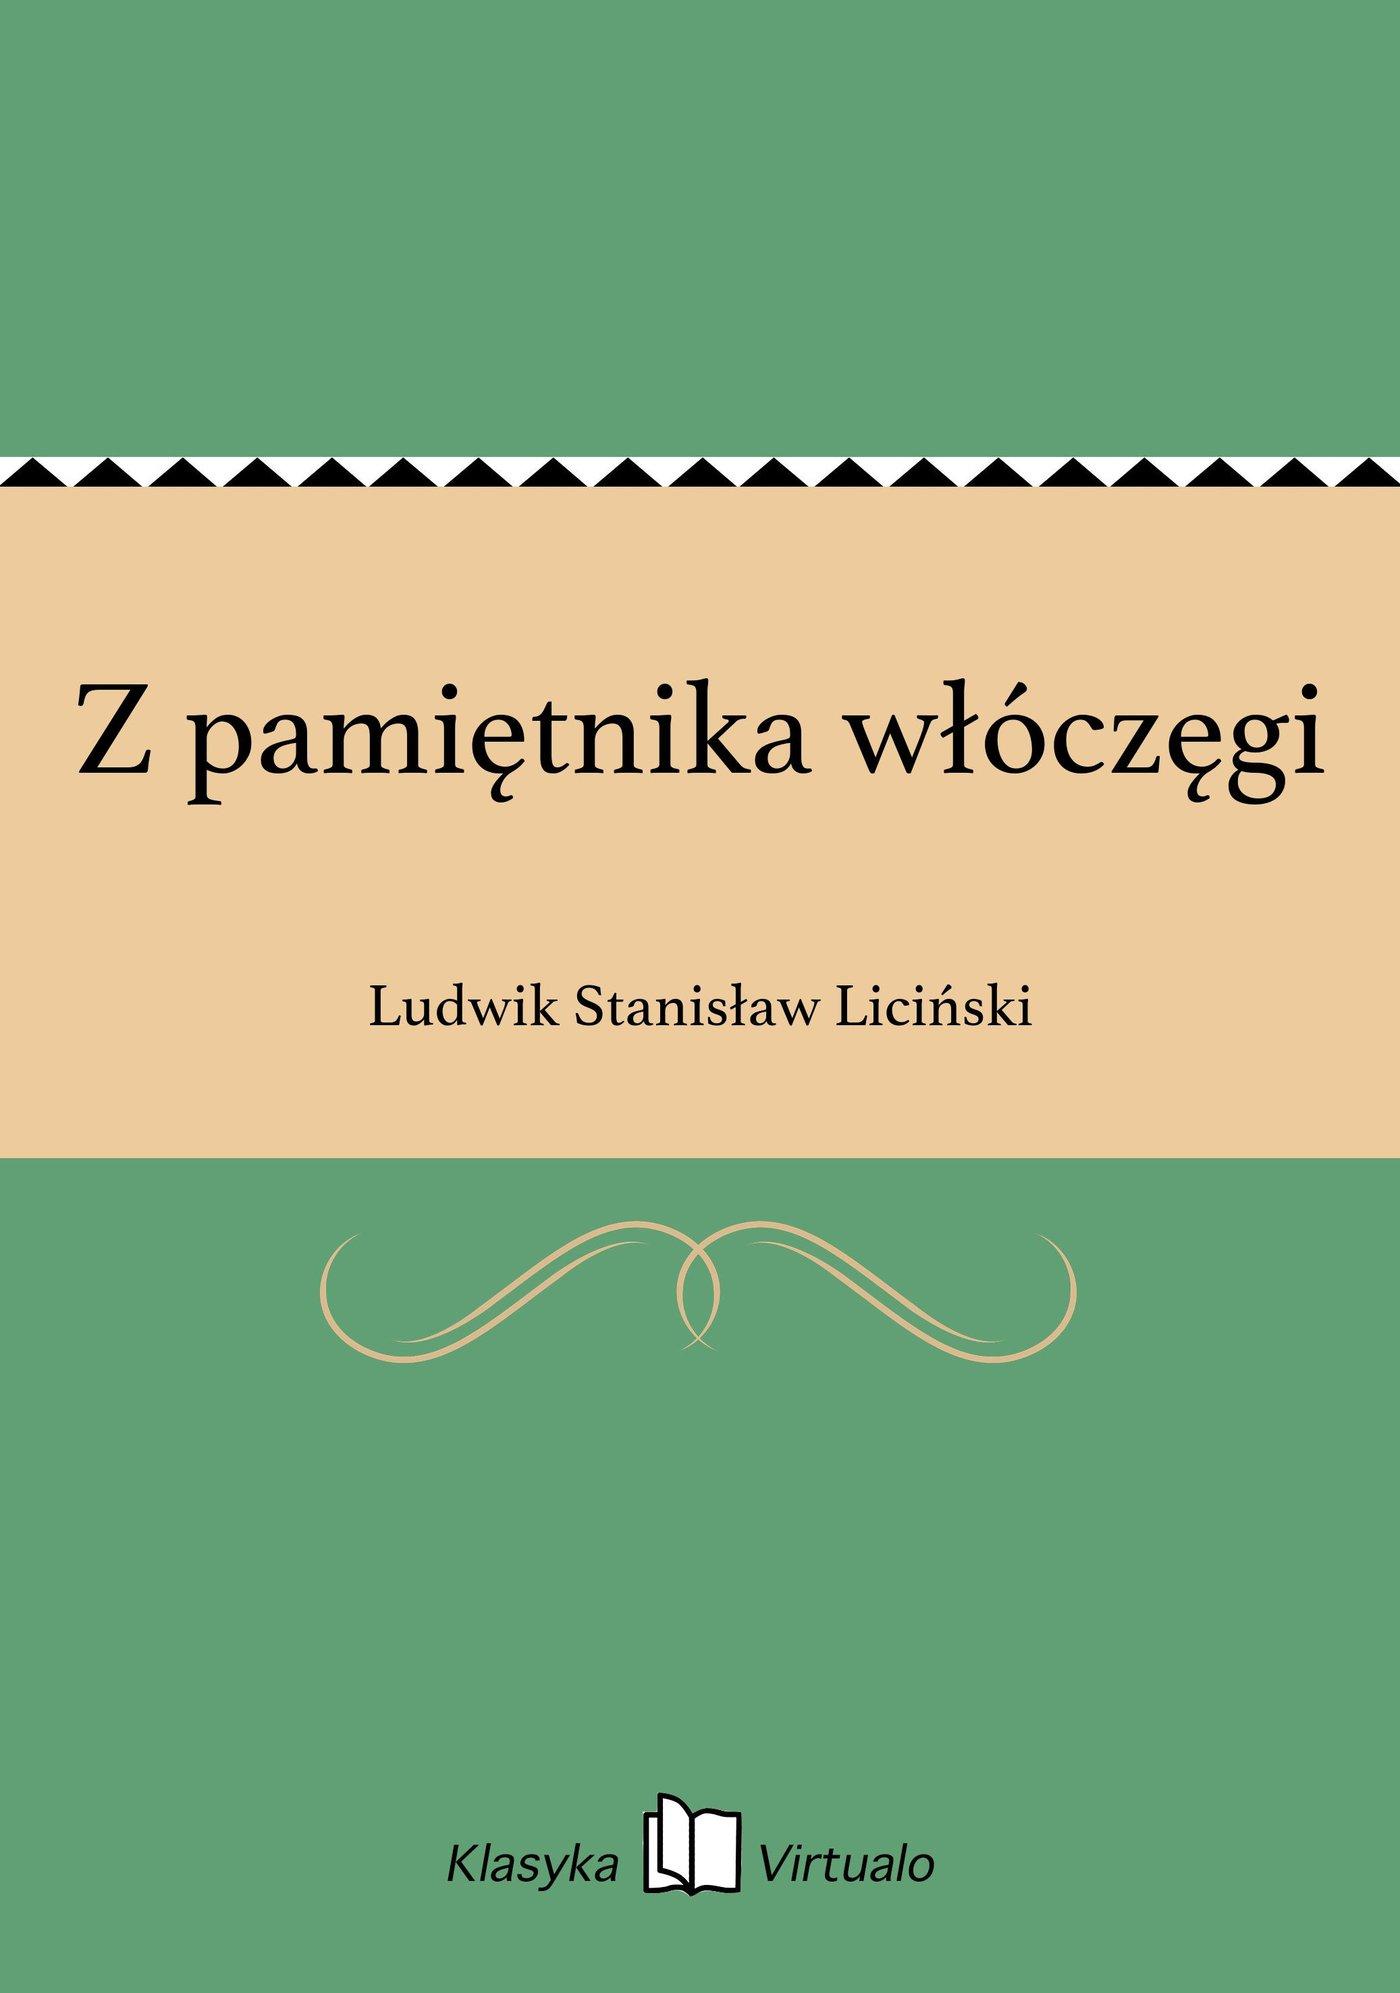 Z pamiętnika włóczęgi - Ebook (Książka EPUB) do pobrania w formacie EPUB